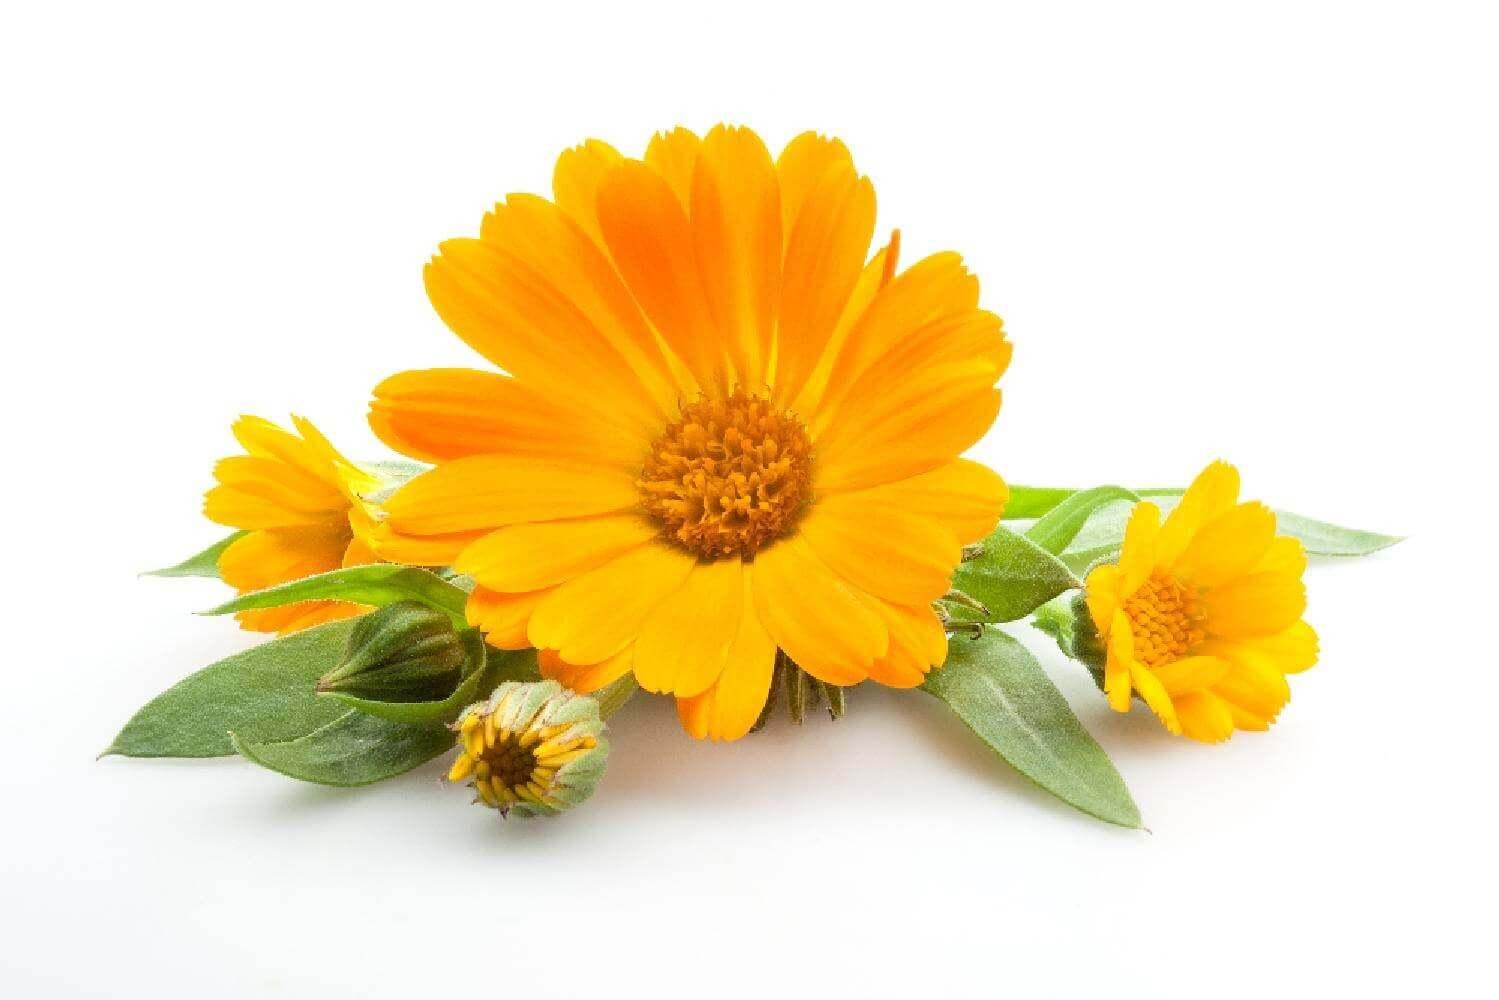 image de l'ingredient Souci